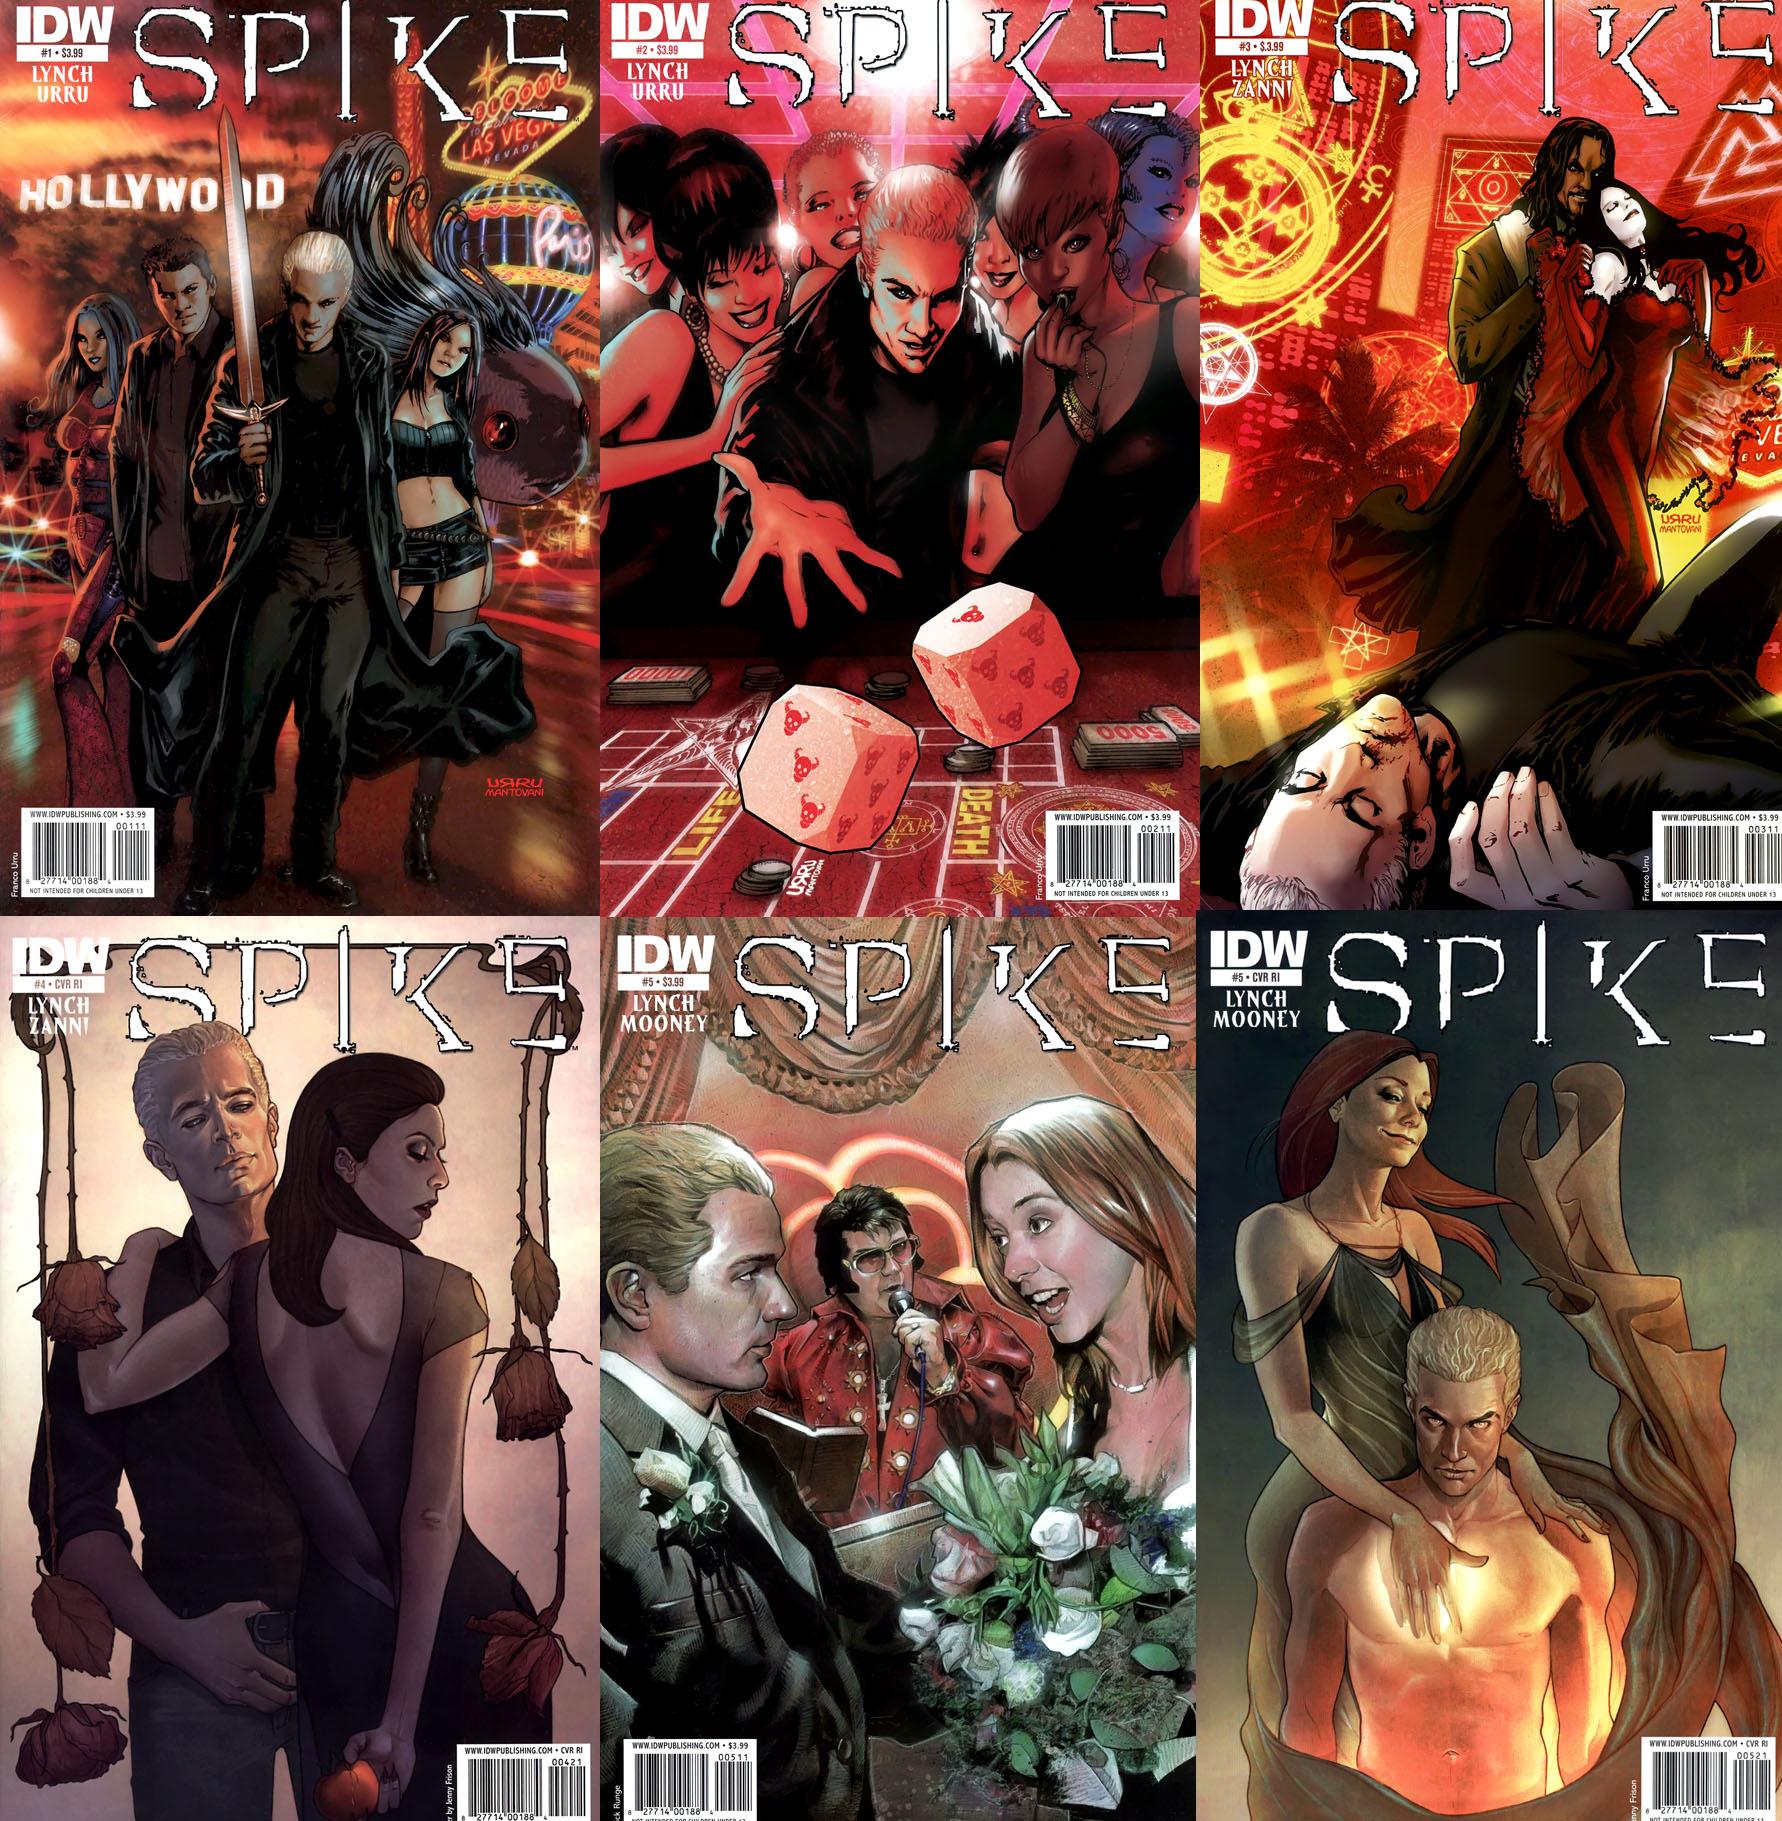 Spike #1-5 (of 8) (2010 - 2011)